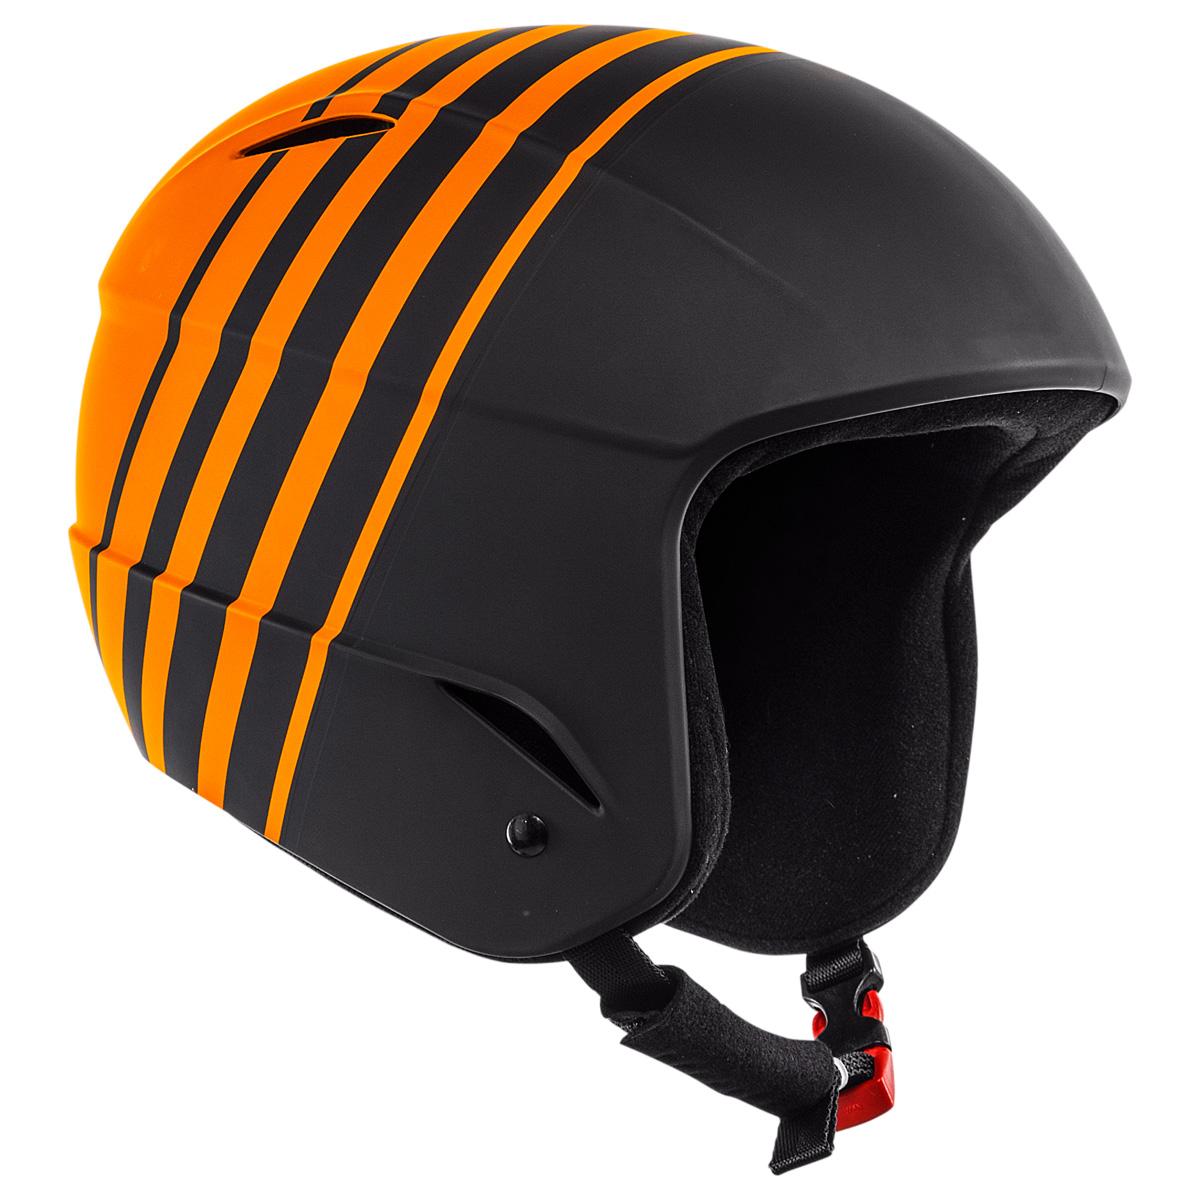 Casco sci Dainese D-Race (Colore: nero-arancio, Taglia: M/L)